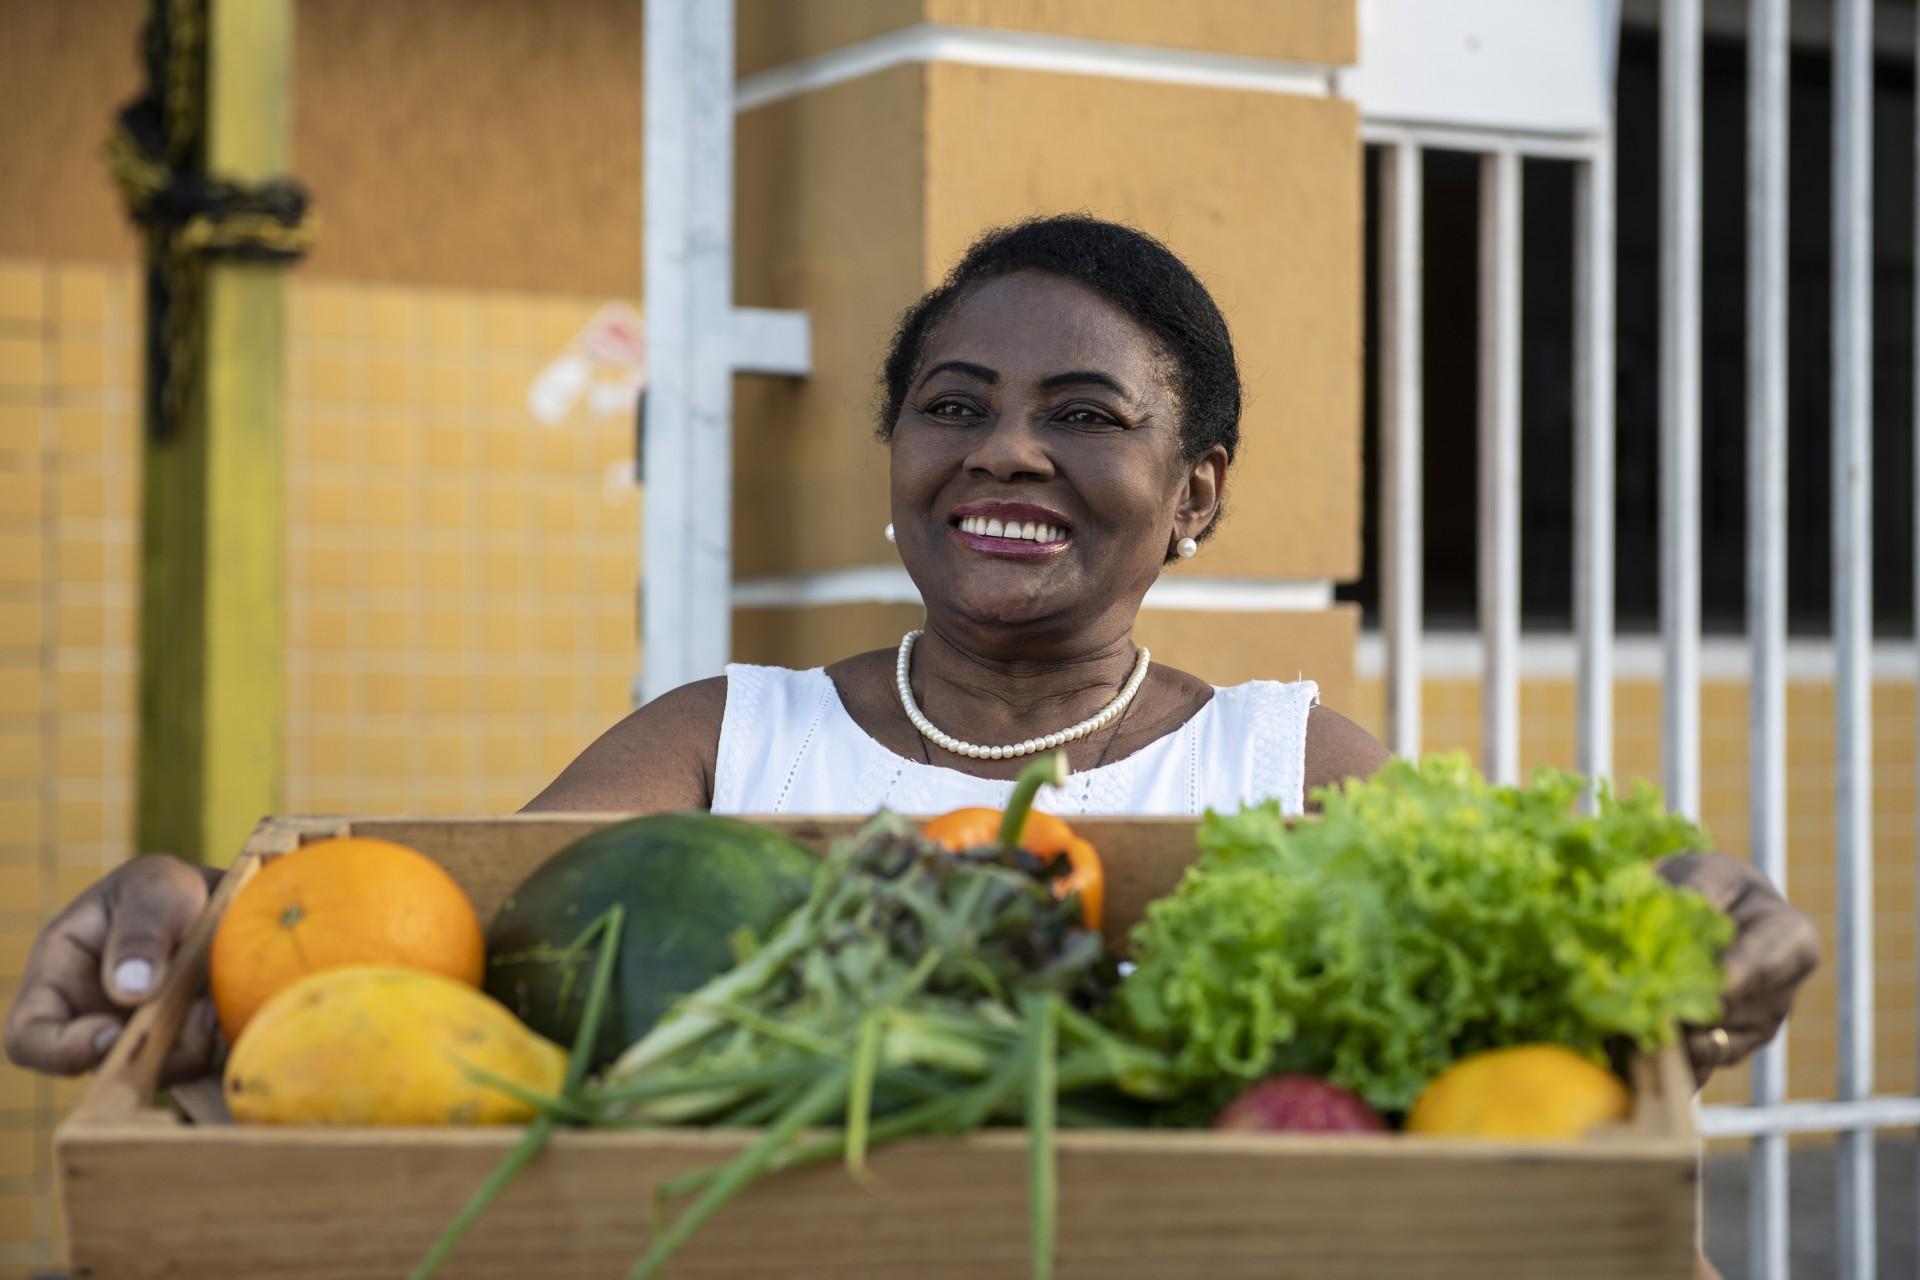 Nos 20 anos, o Mesa Brasil distribuiu mais de 51 milhões de quilos de alimentos, por meio de parceria com 600 empresas